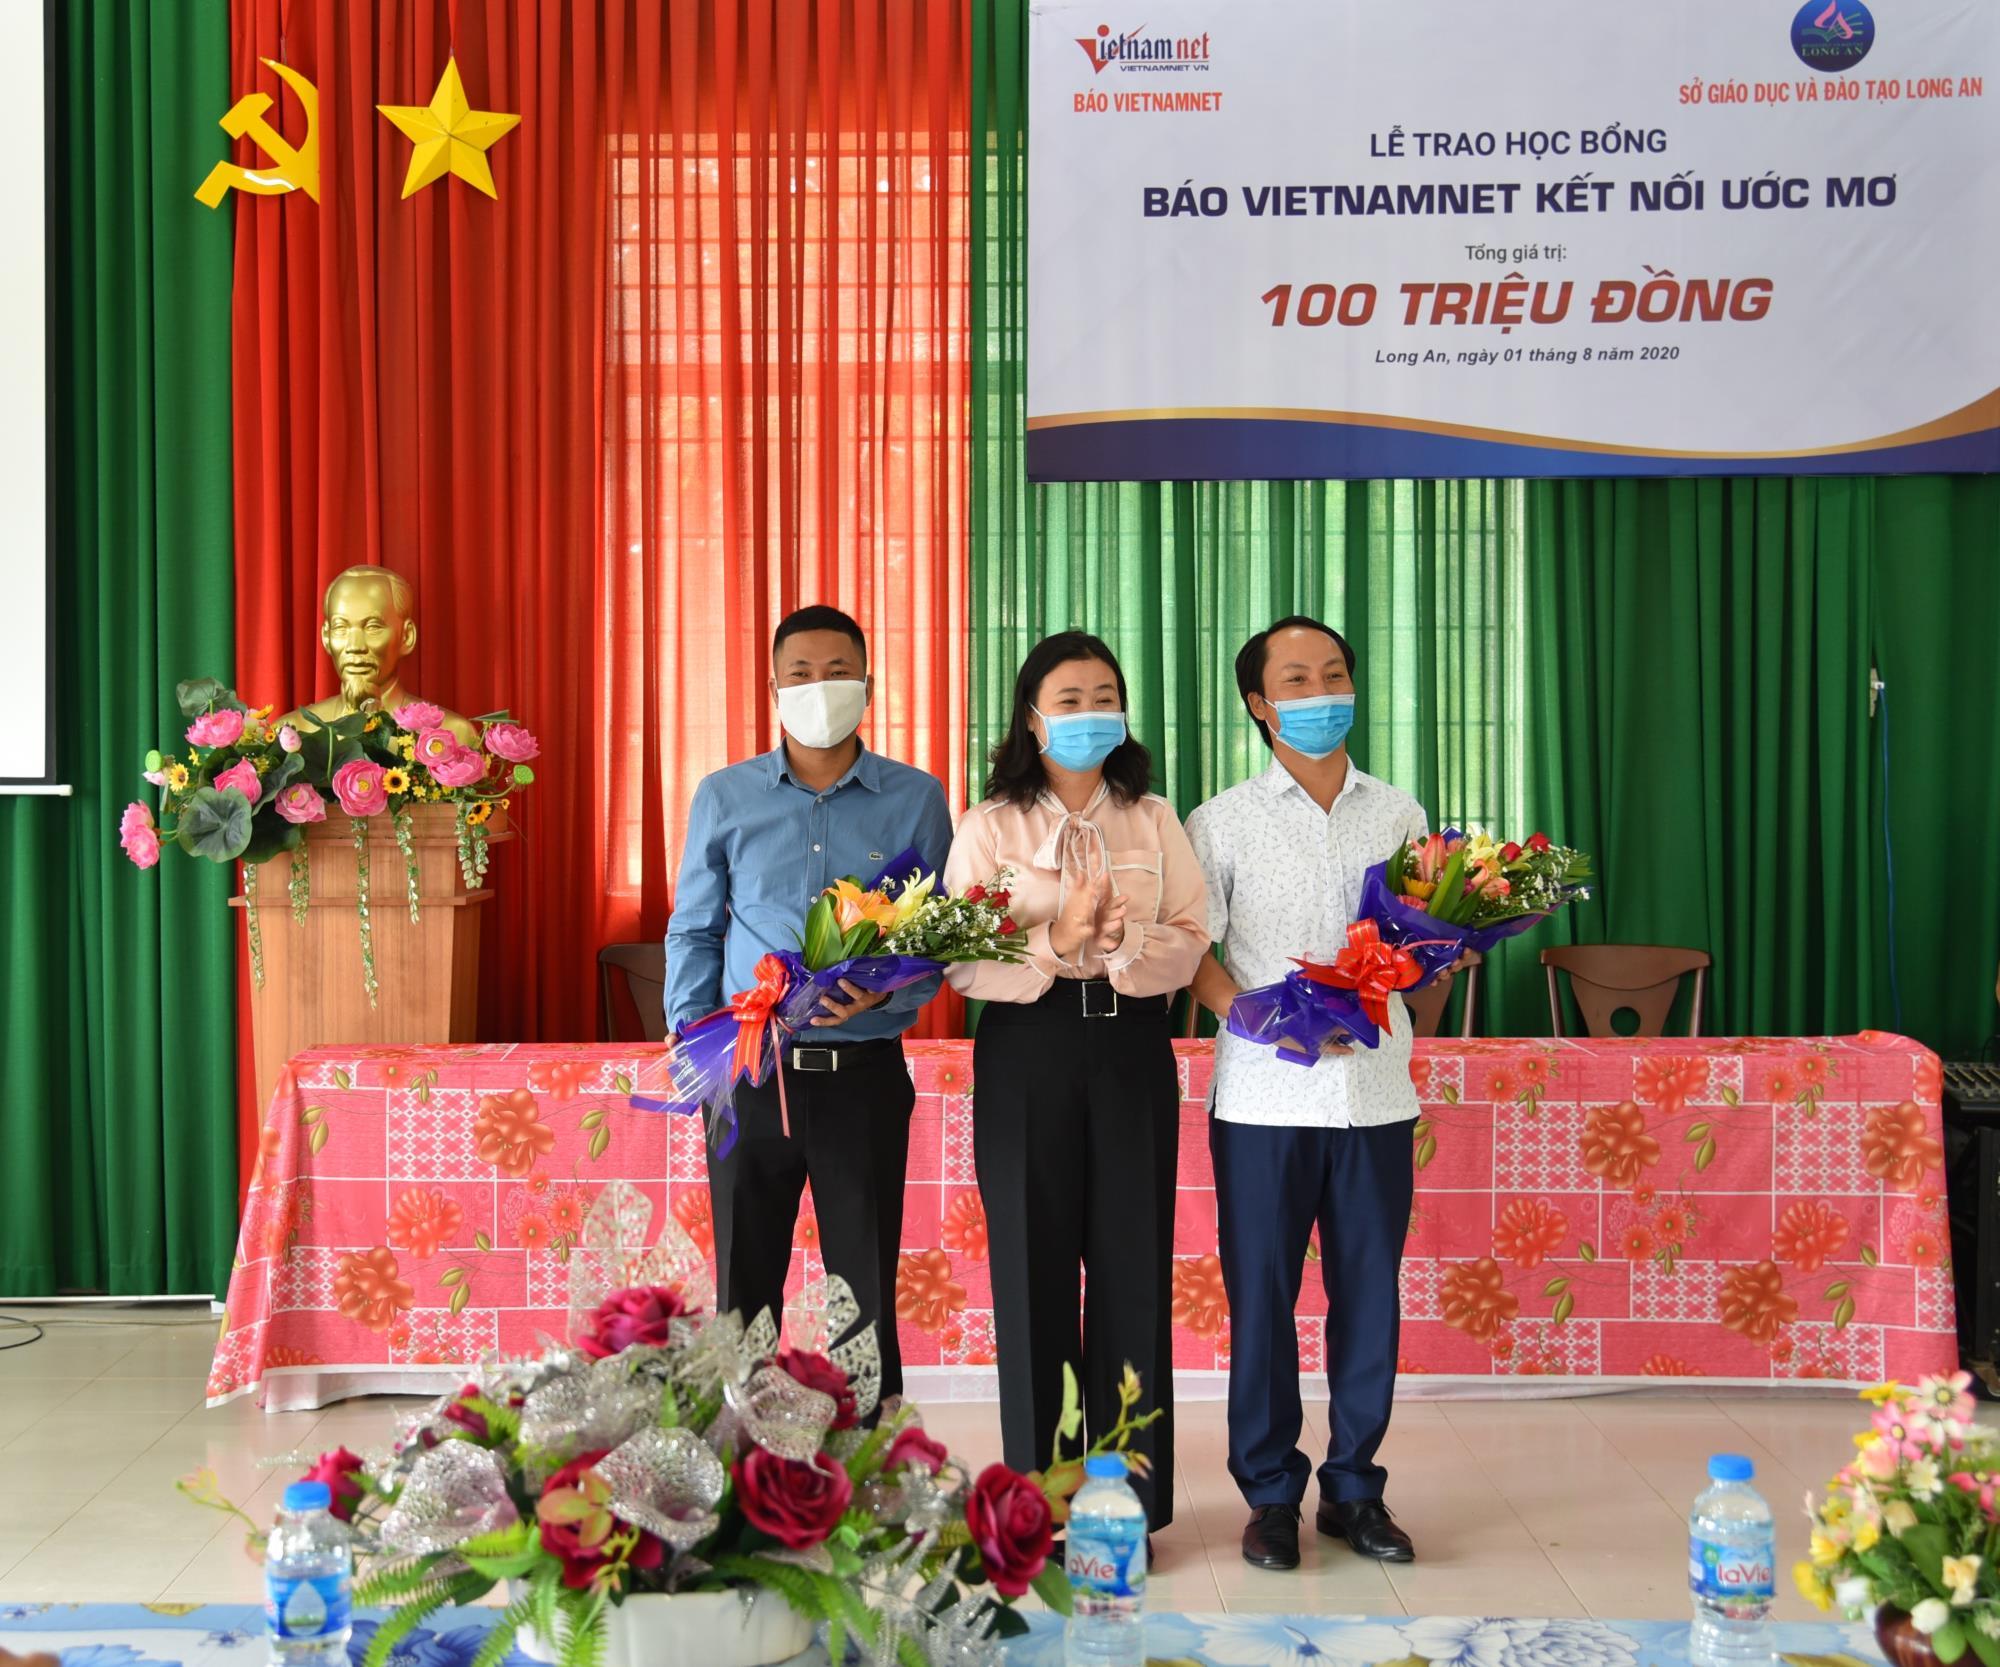 Him Lam Land chắp cánh ước mơ cho học sinh nghèo vượt khó ở Long An - Ảnh 2